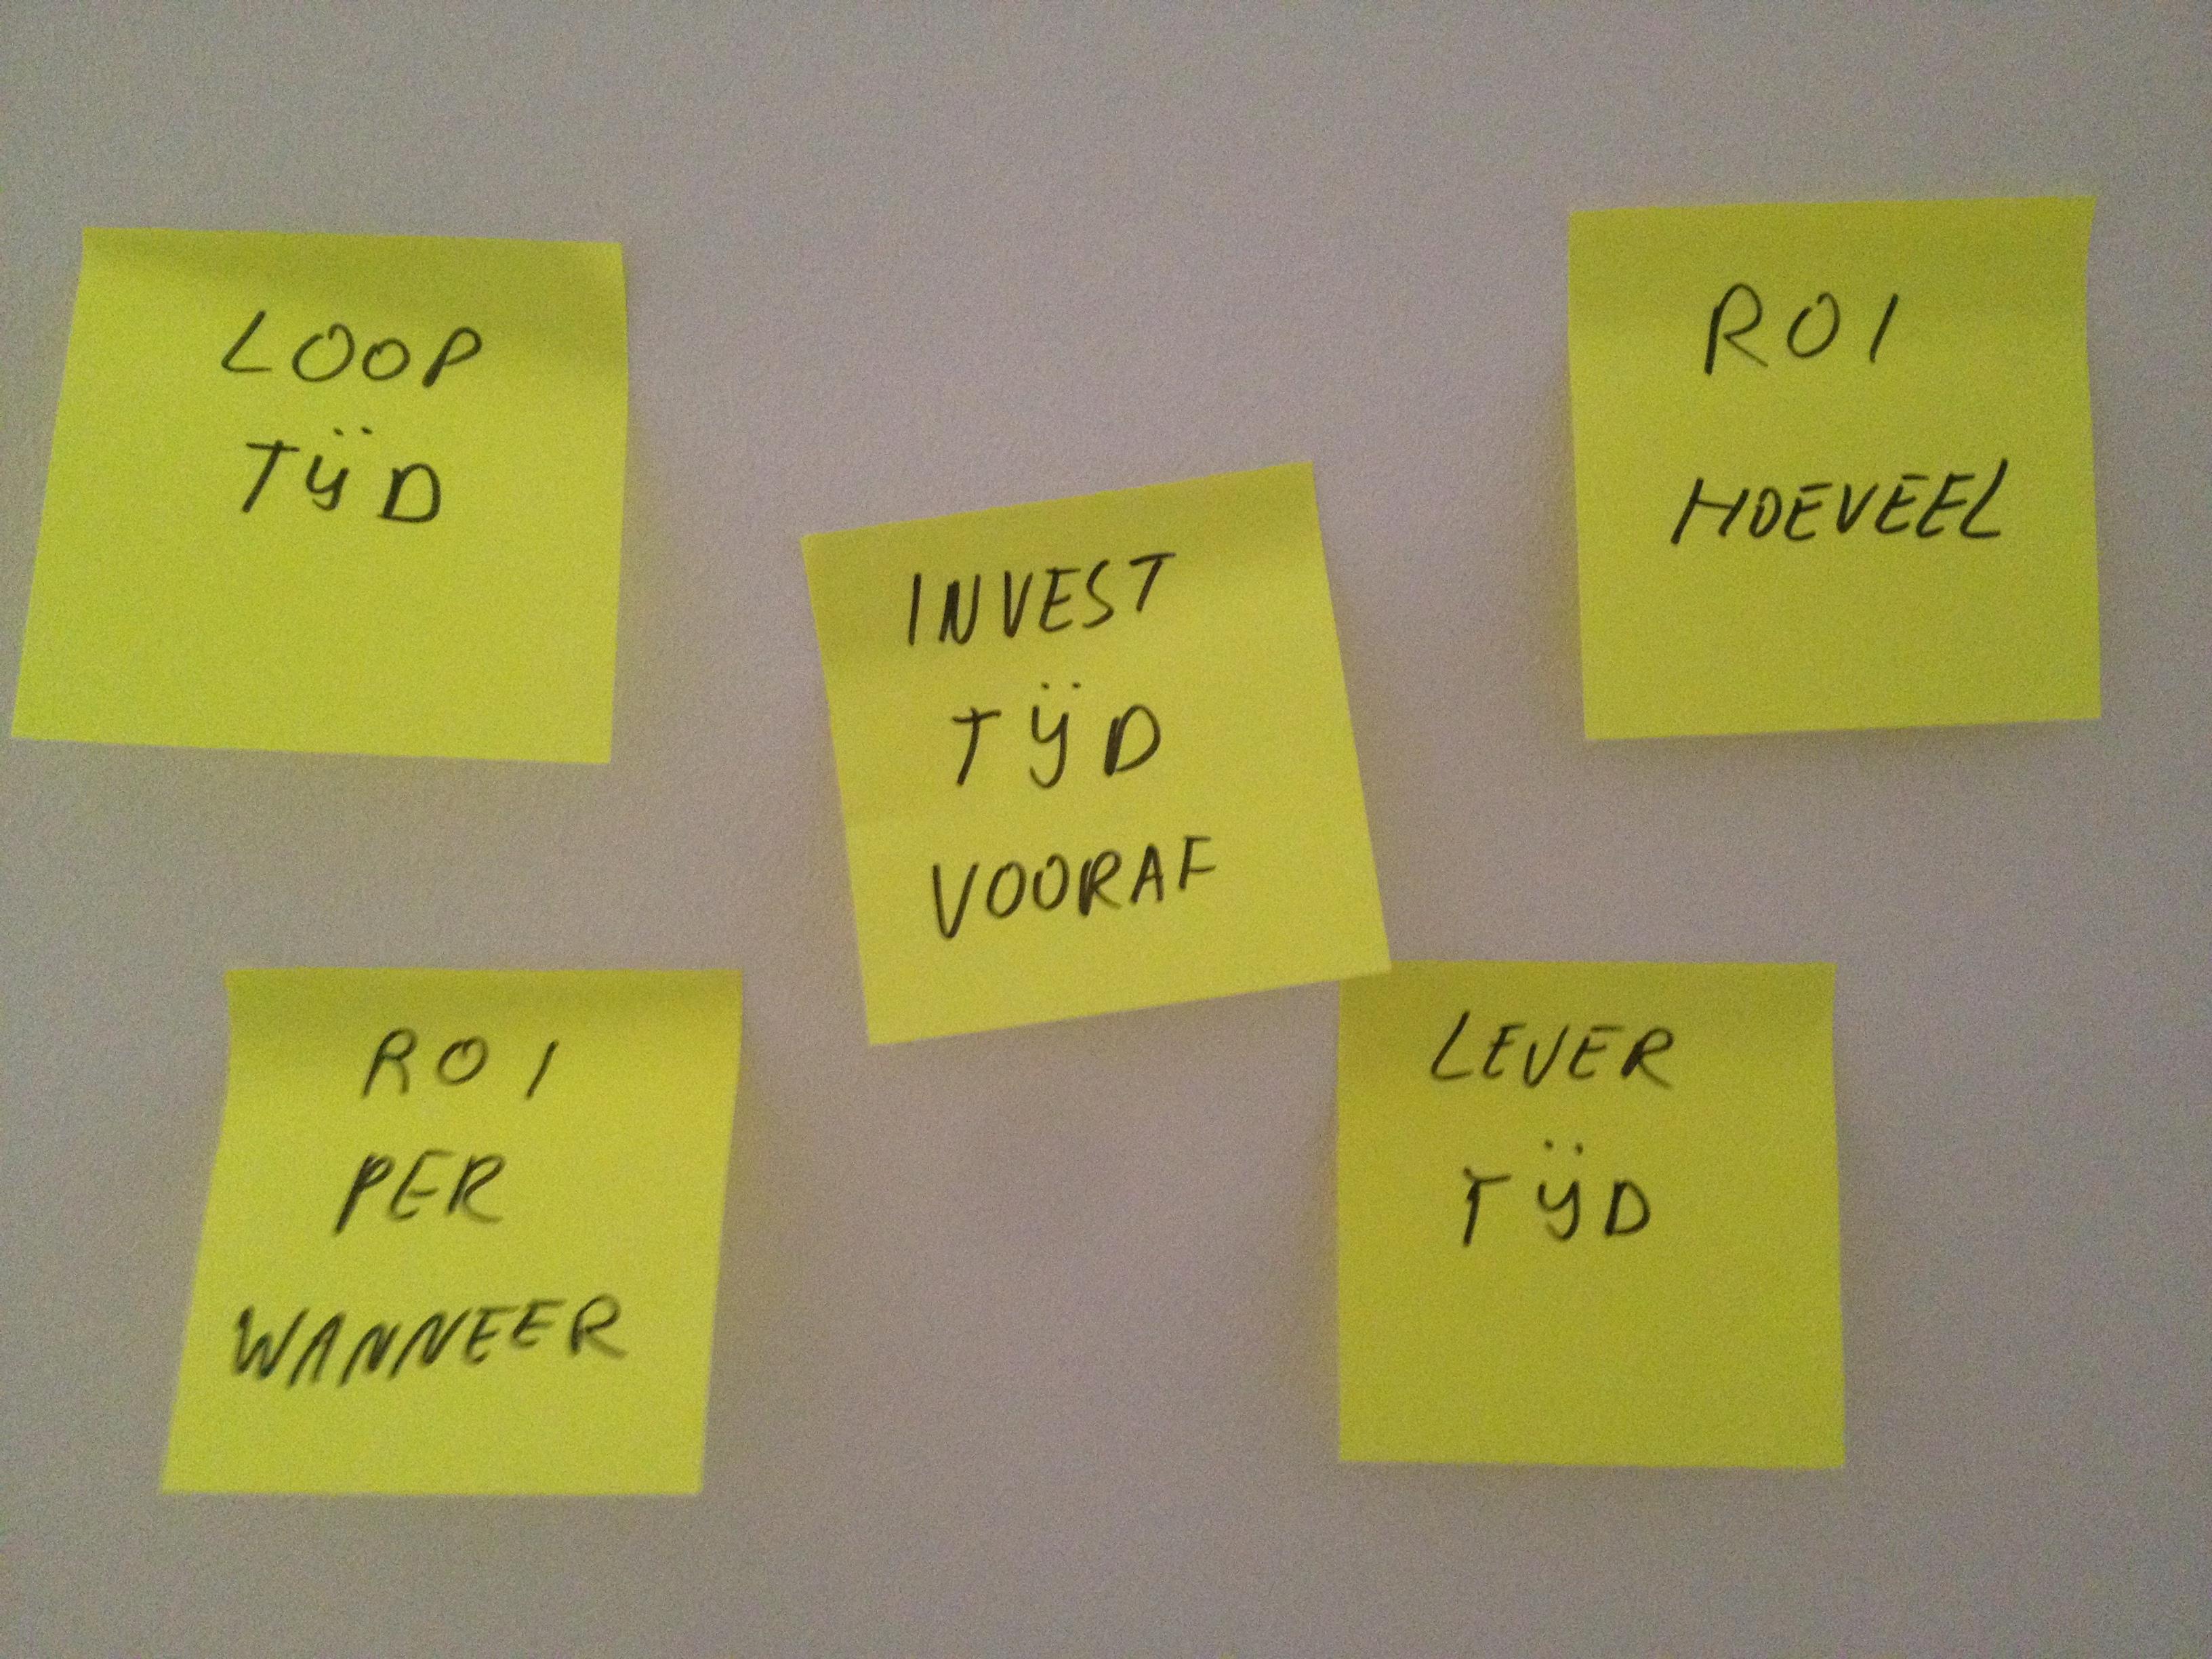 Prioriteit vast stellen op basis van ROI (return on investment)